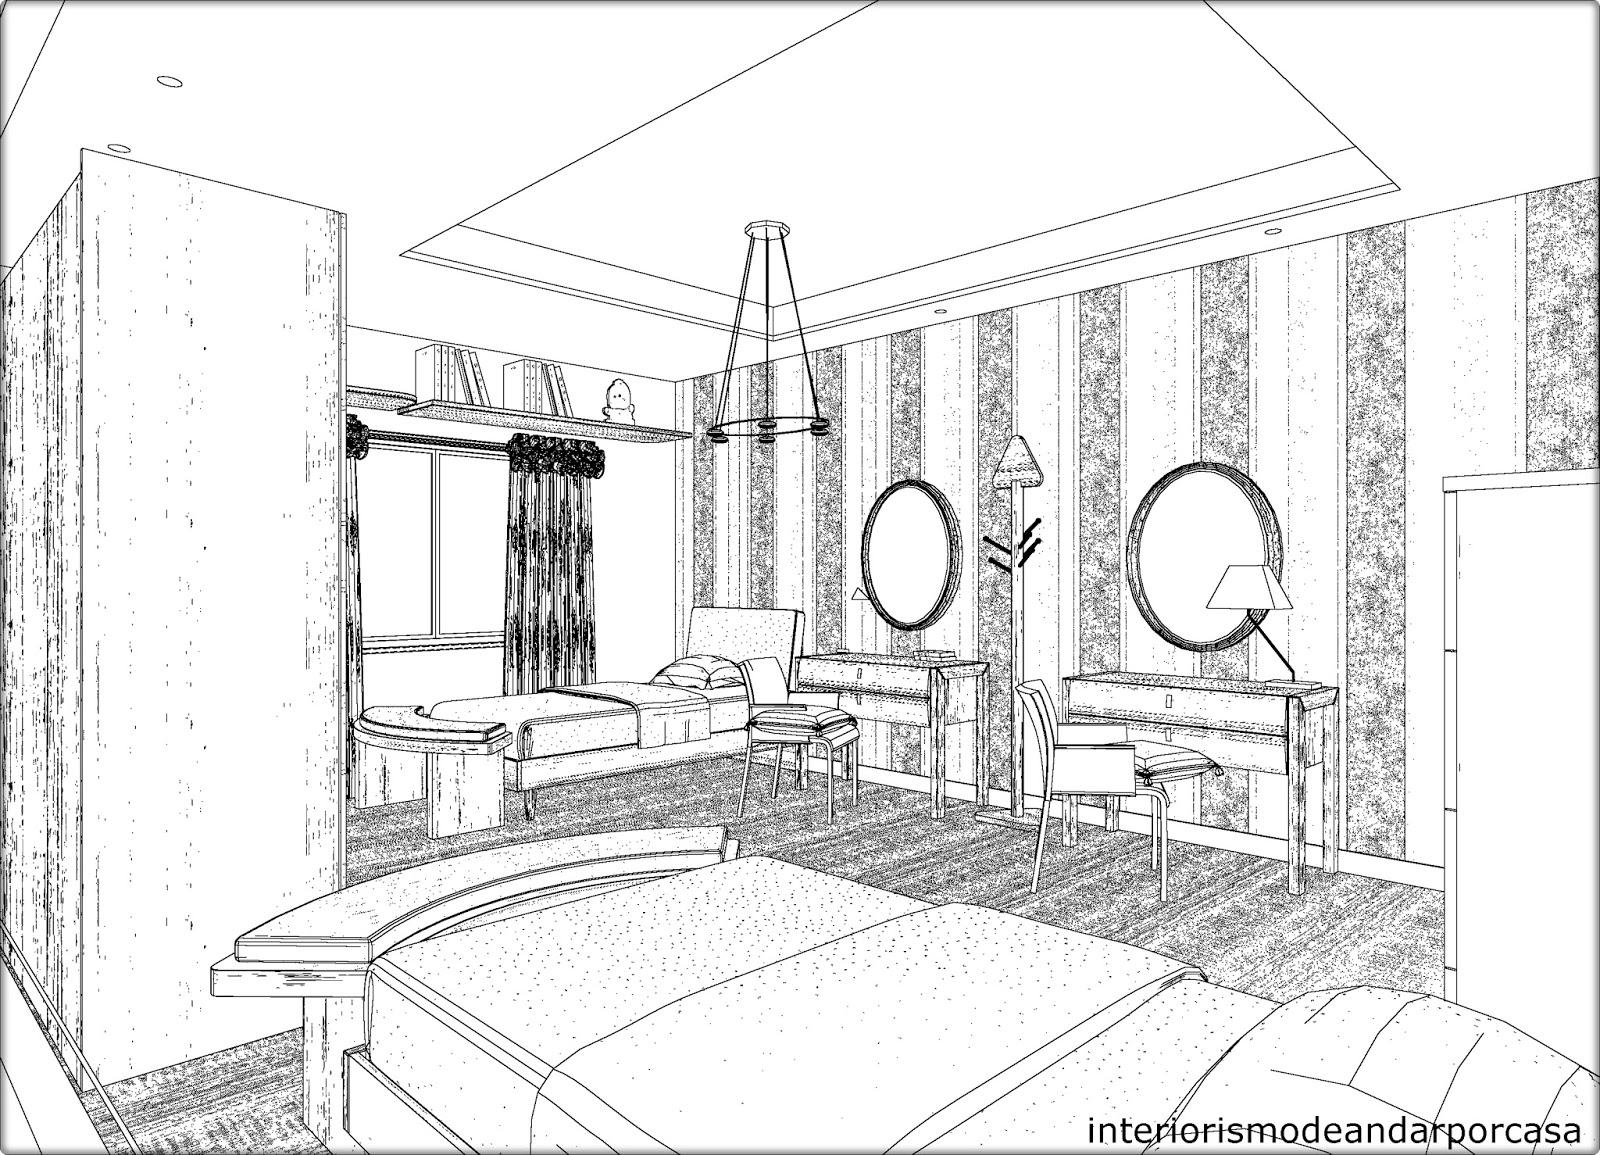 Interiorismo dormitorio de chicas for Dormitorio para dibujar